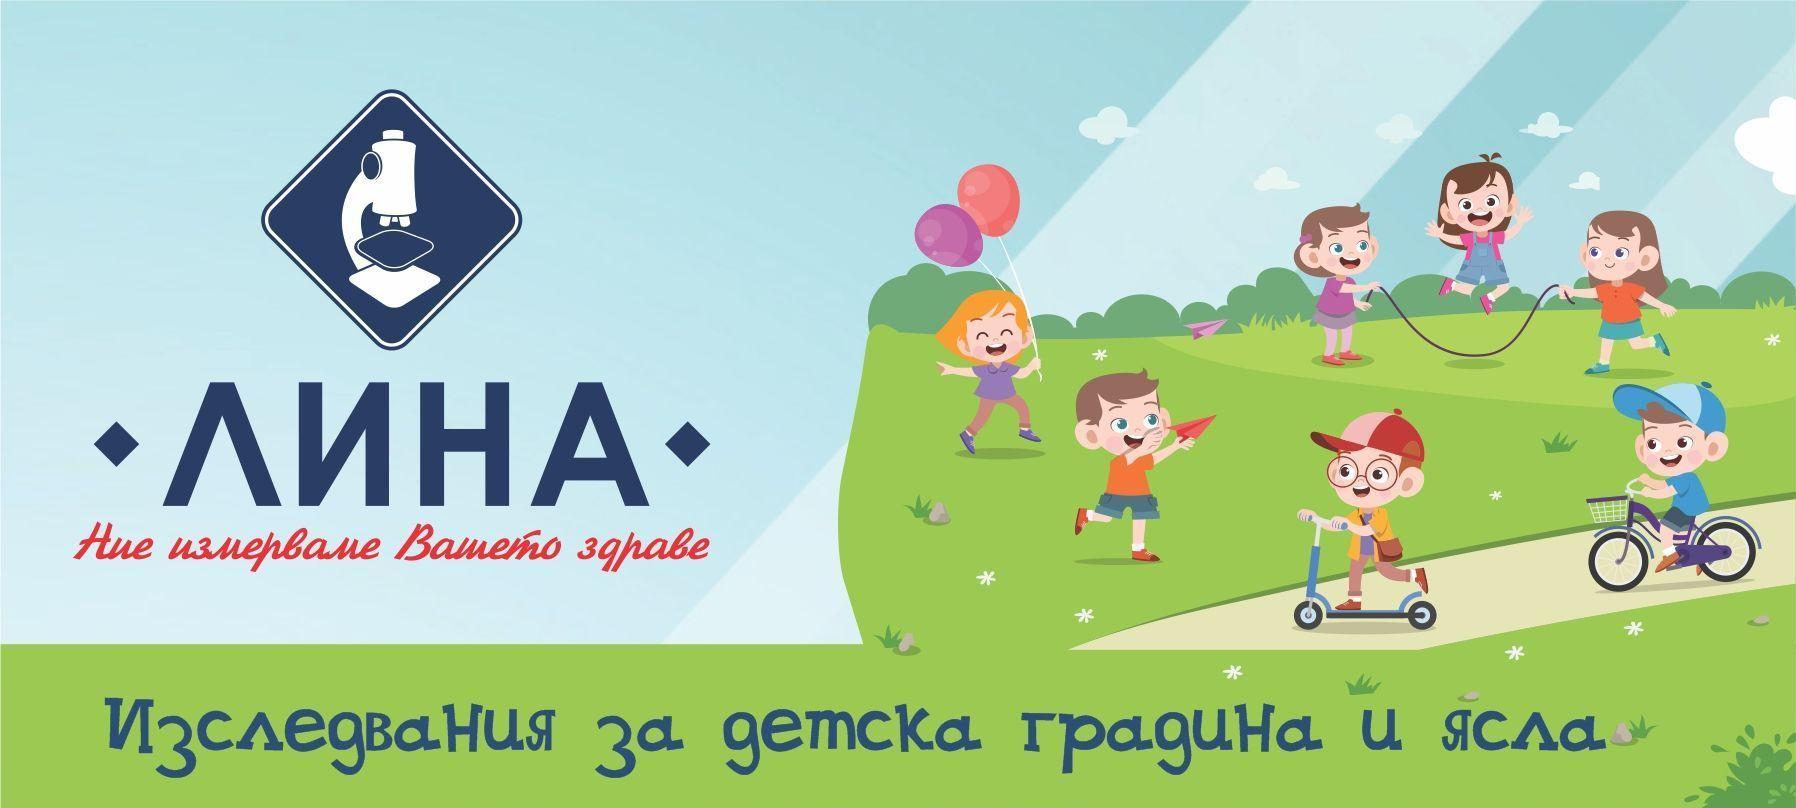 """Важно за родителите: Изследвания за детска градина и ясла в лаборатория """"ЛИНА"""""""